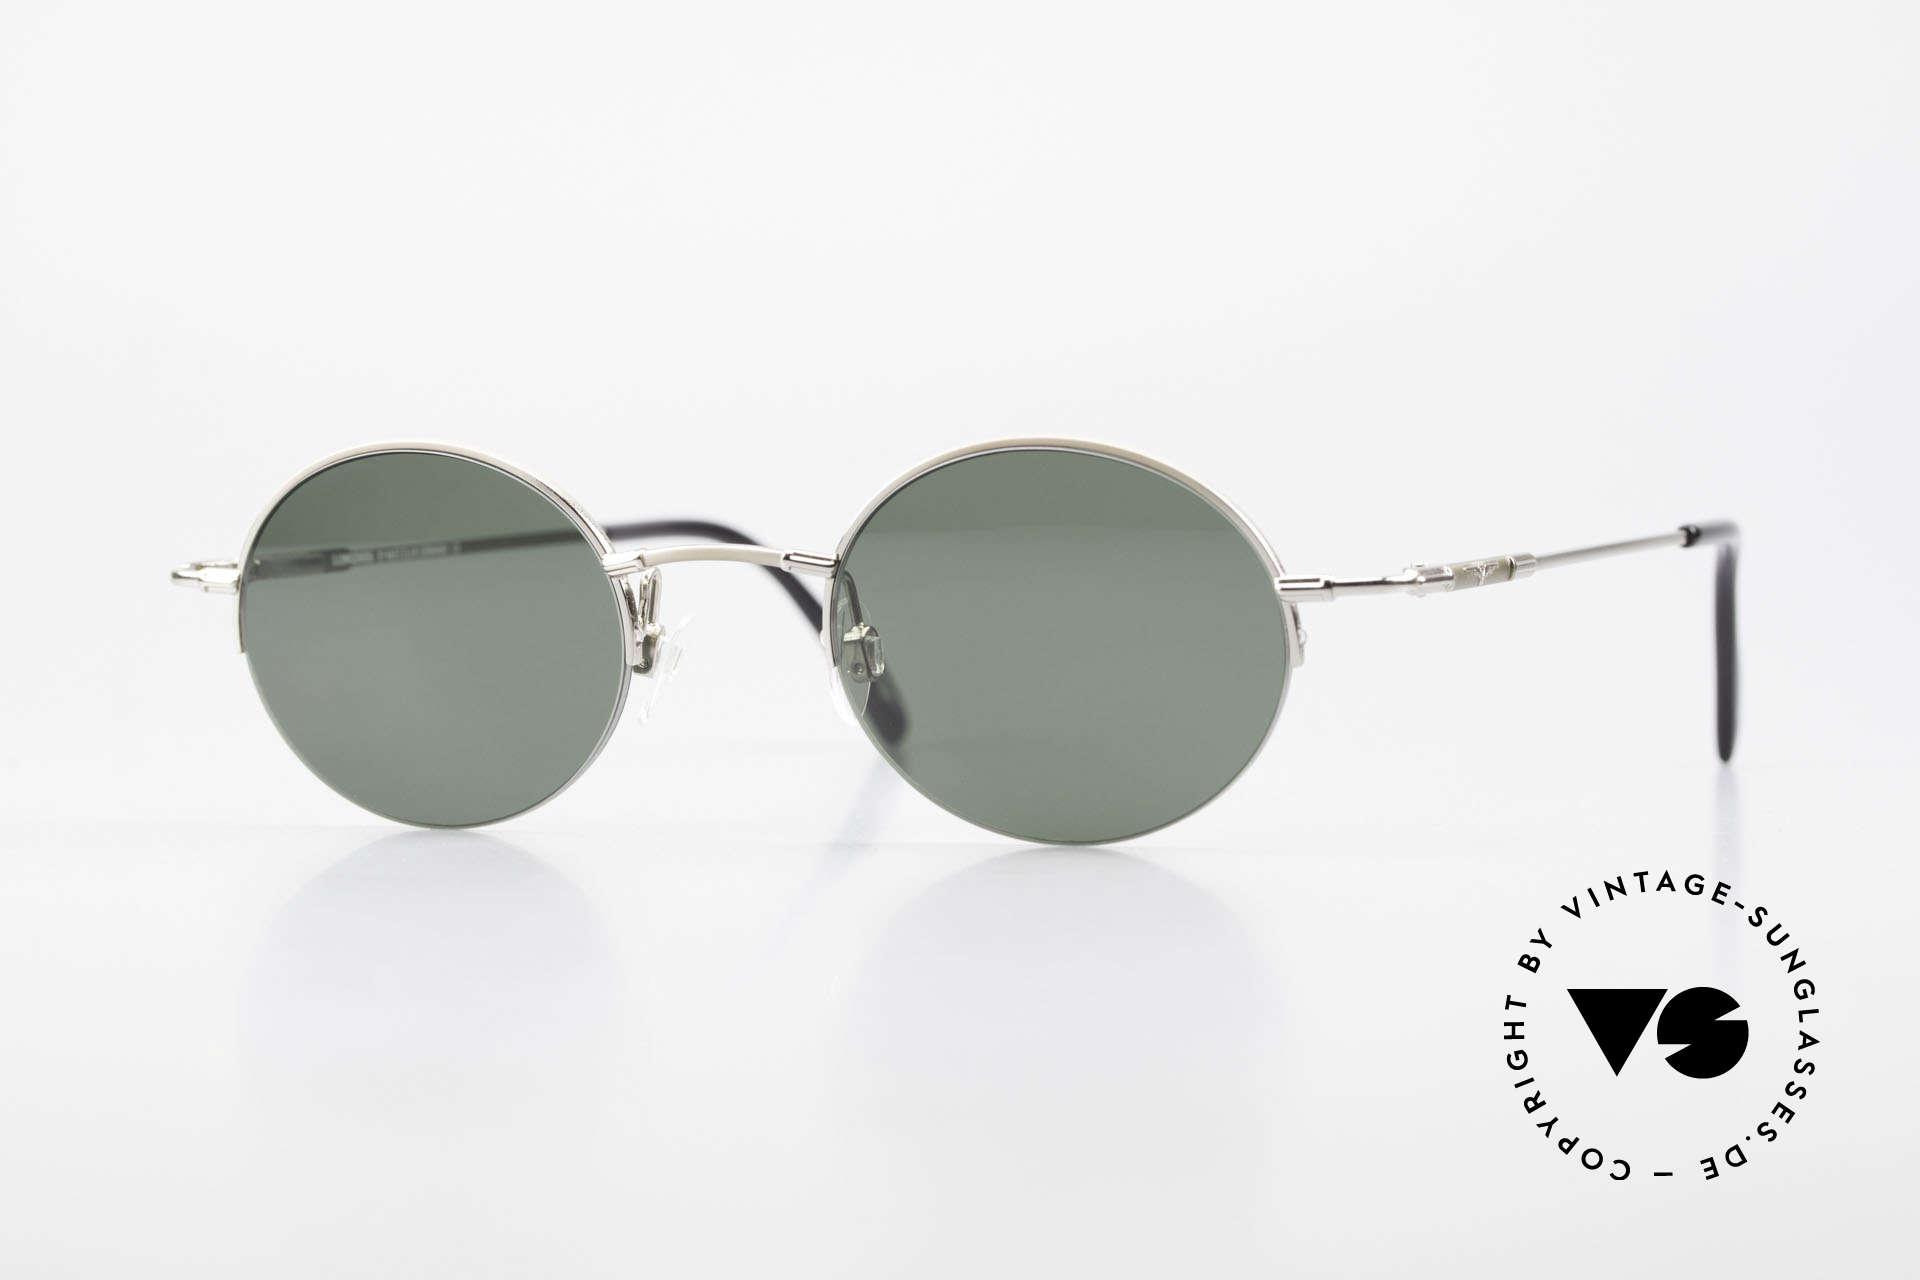 Longines 4363 Rund Ovale Sonnenbrille 90er, rund-ovale Longines Sonnenbrille aus den 90er Jahren, Passend für Herren und Damen